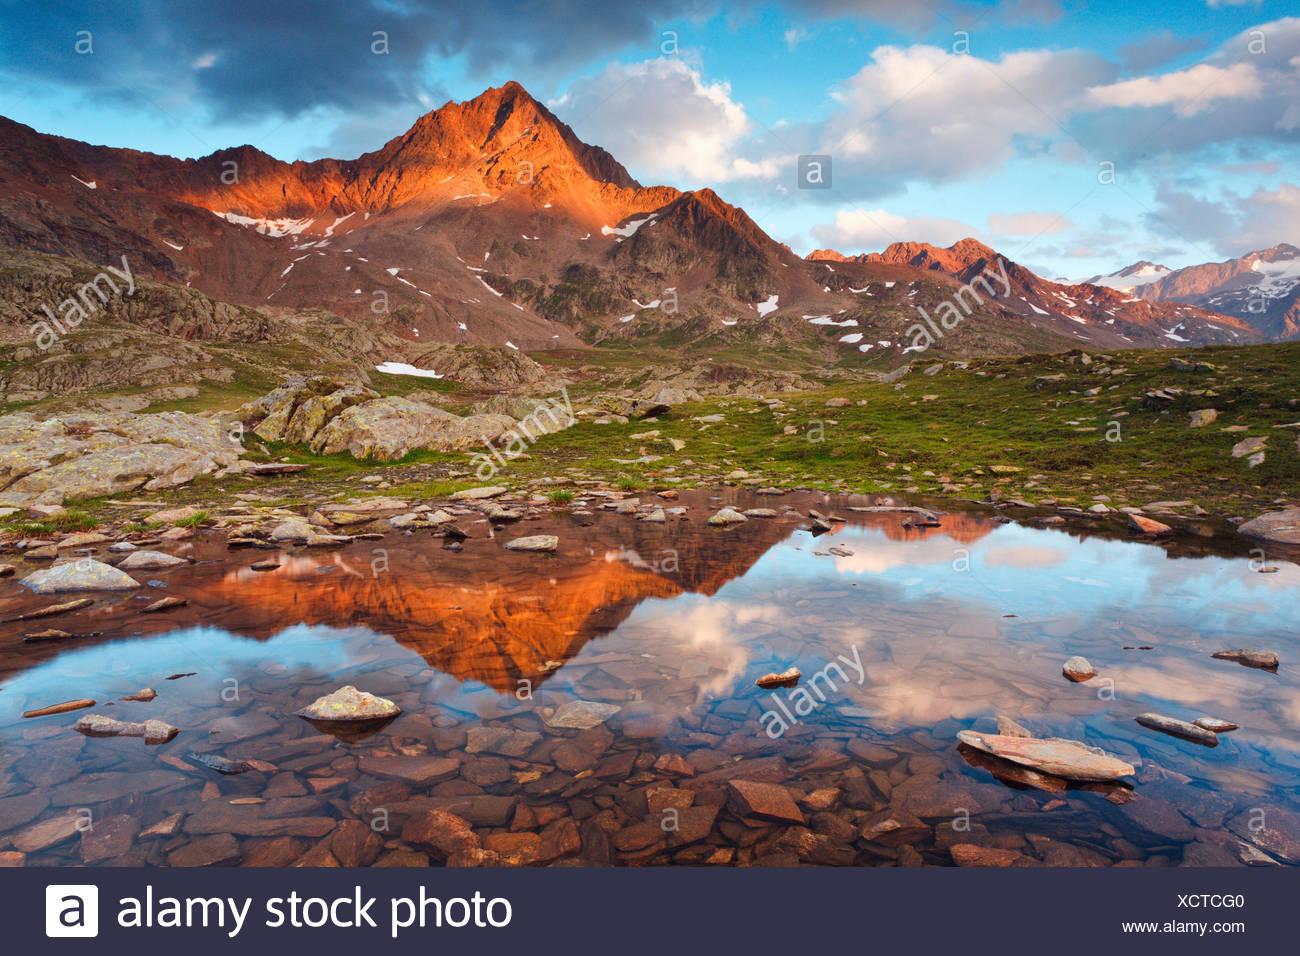 Passo Gavia, provincia di Sondrio, Parco Nazionale dello Stelvio, Lombardia, Italia. Il Corno di Tre Signori si riflette in una piccola pozza. Foto Stock